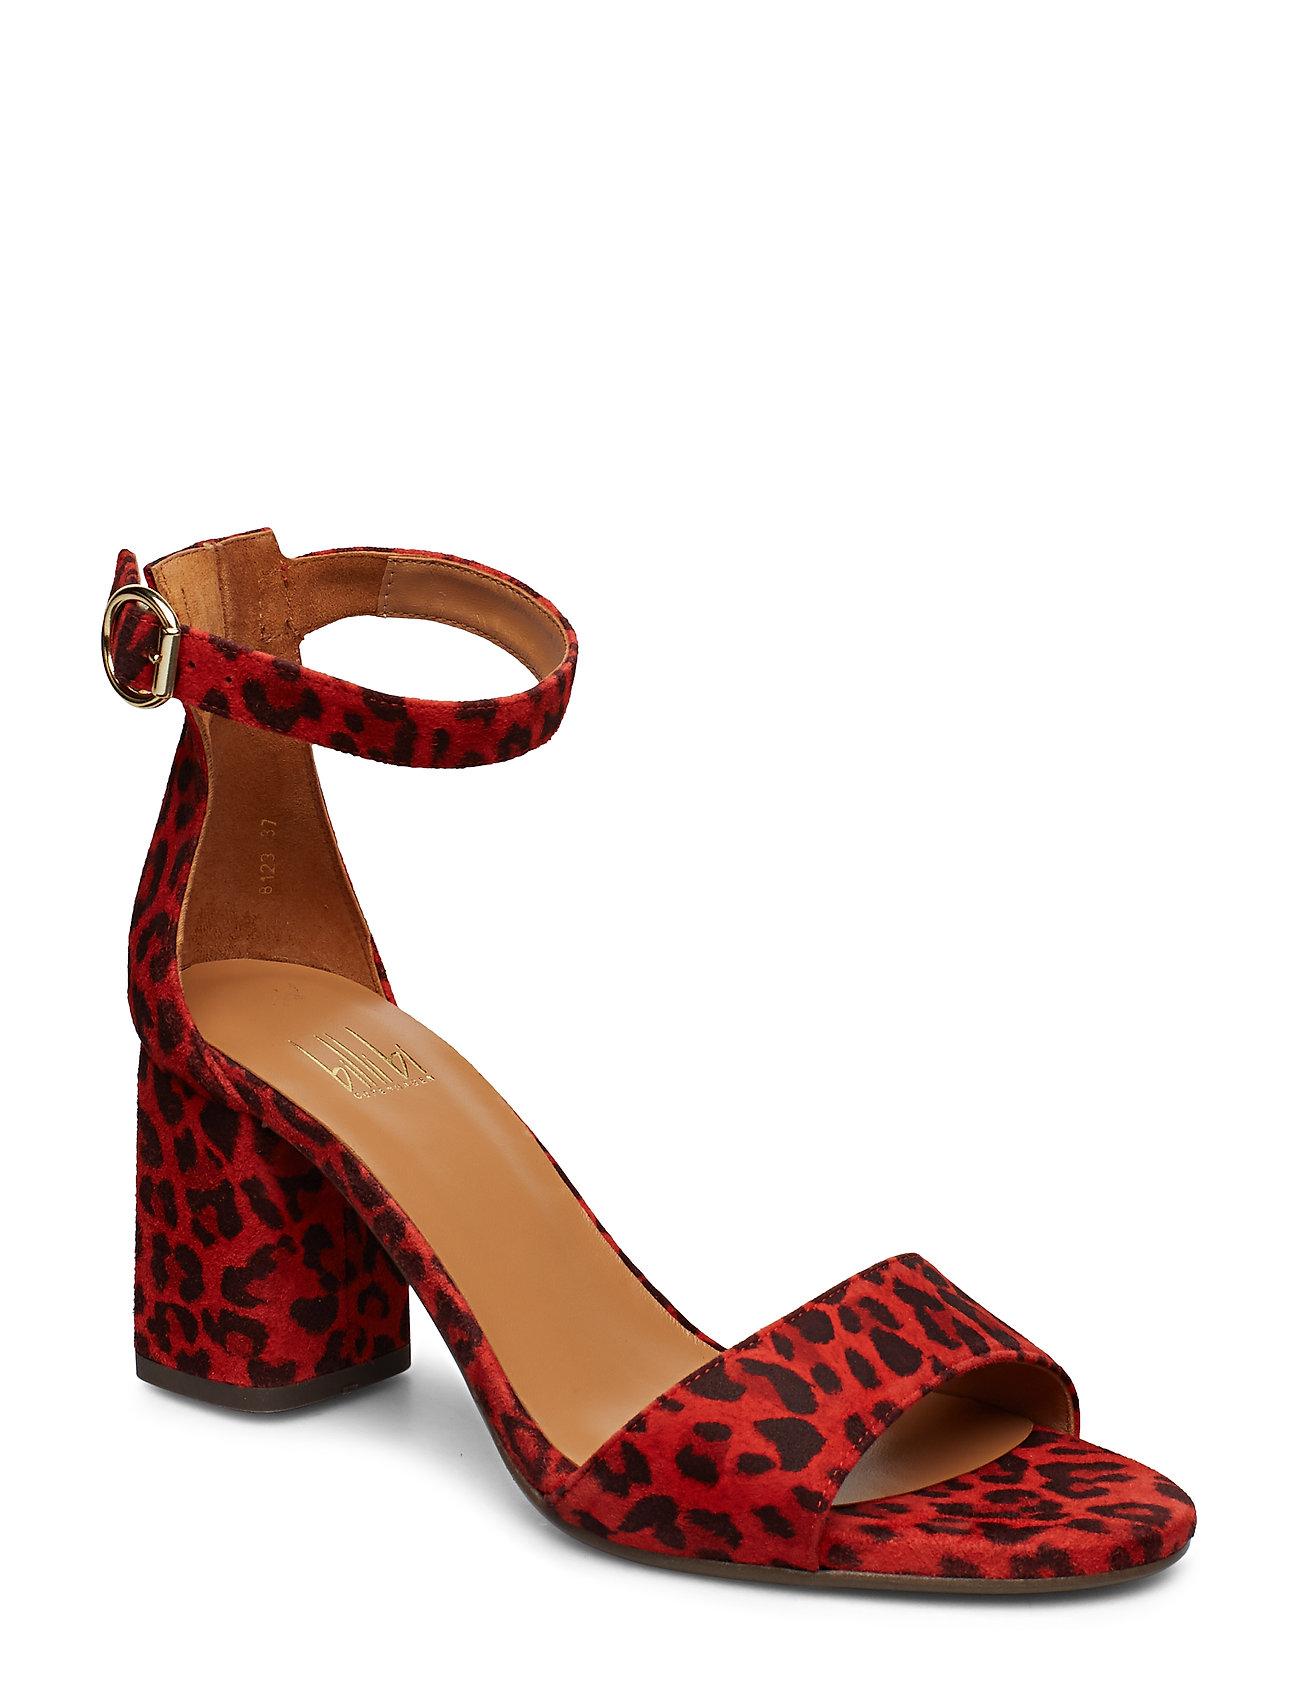 b1d0f44ec39 Sandals 8123 højhælede sandaler fra Billi Bi til dame i SUMMER RED ...